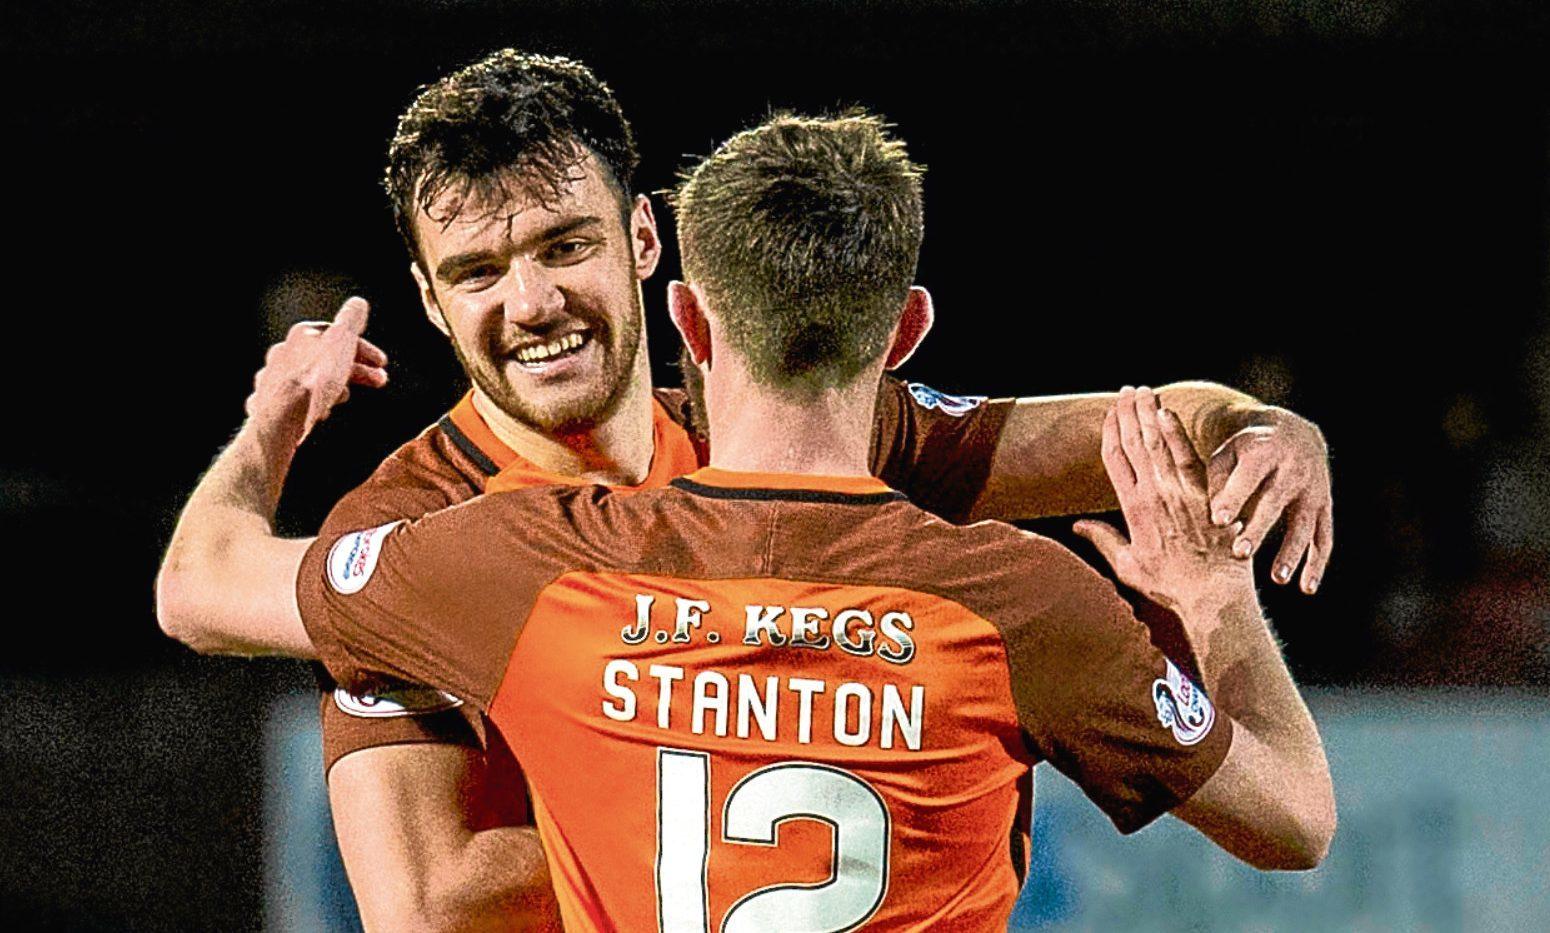 Scott Fraser (left) celebrates his goal with Sam Stanton